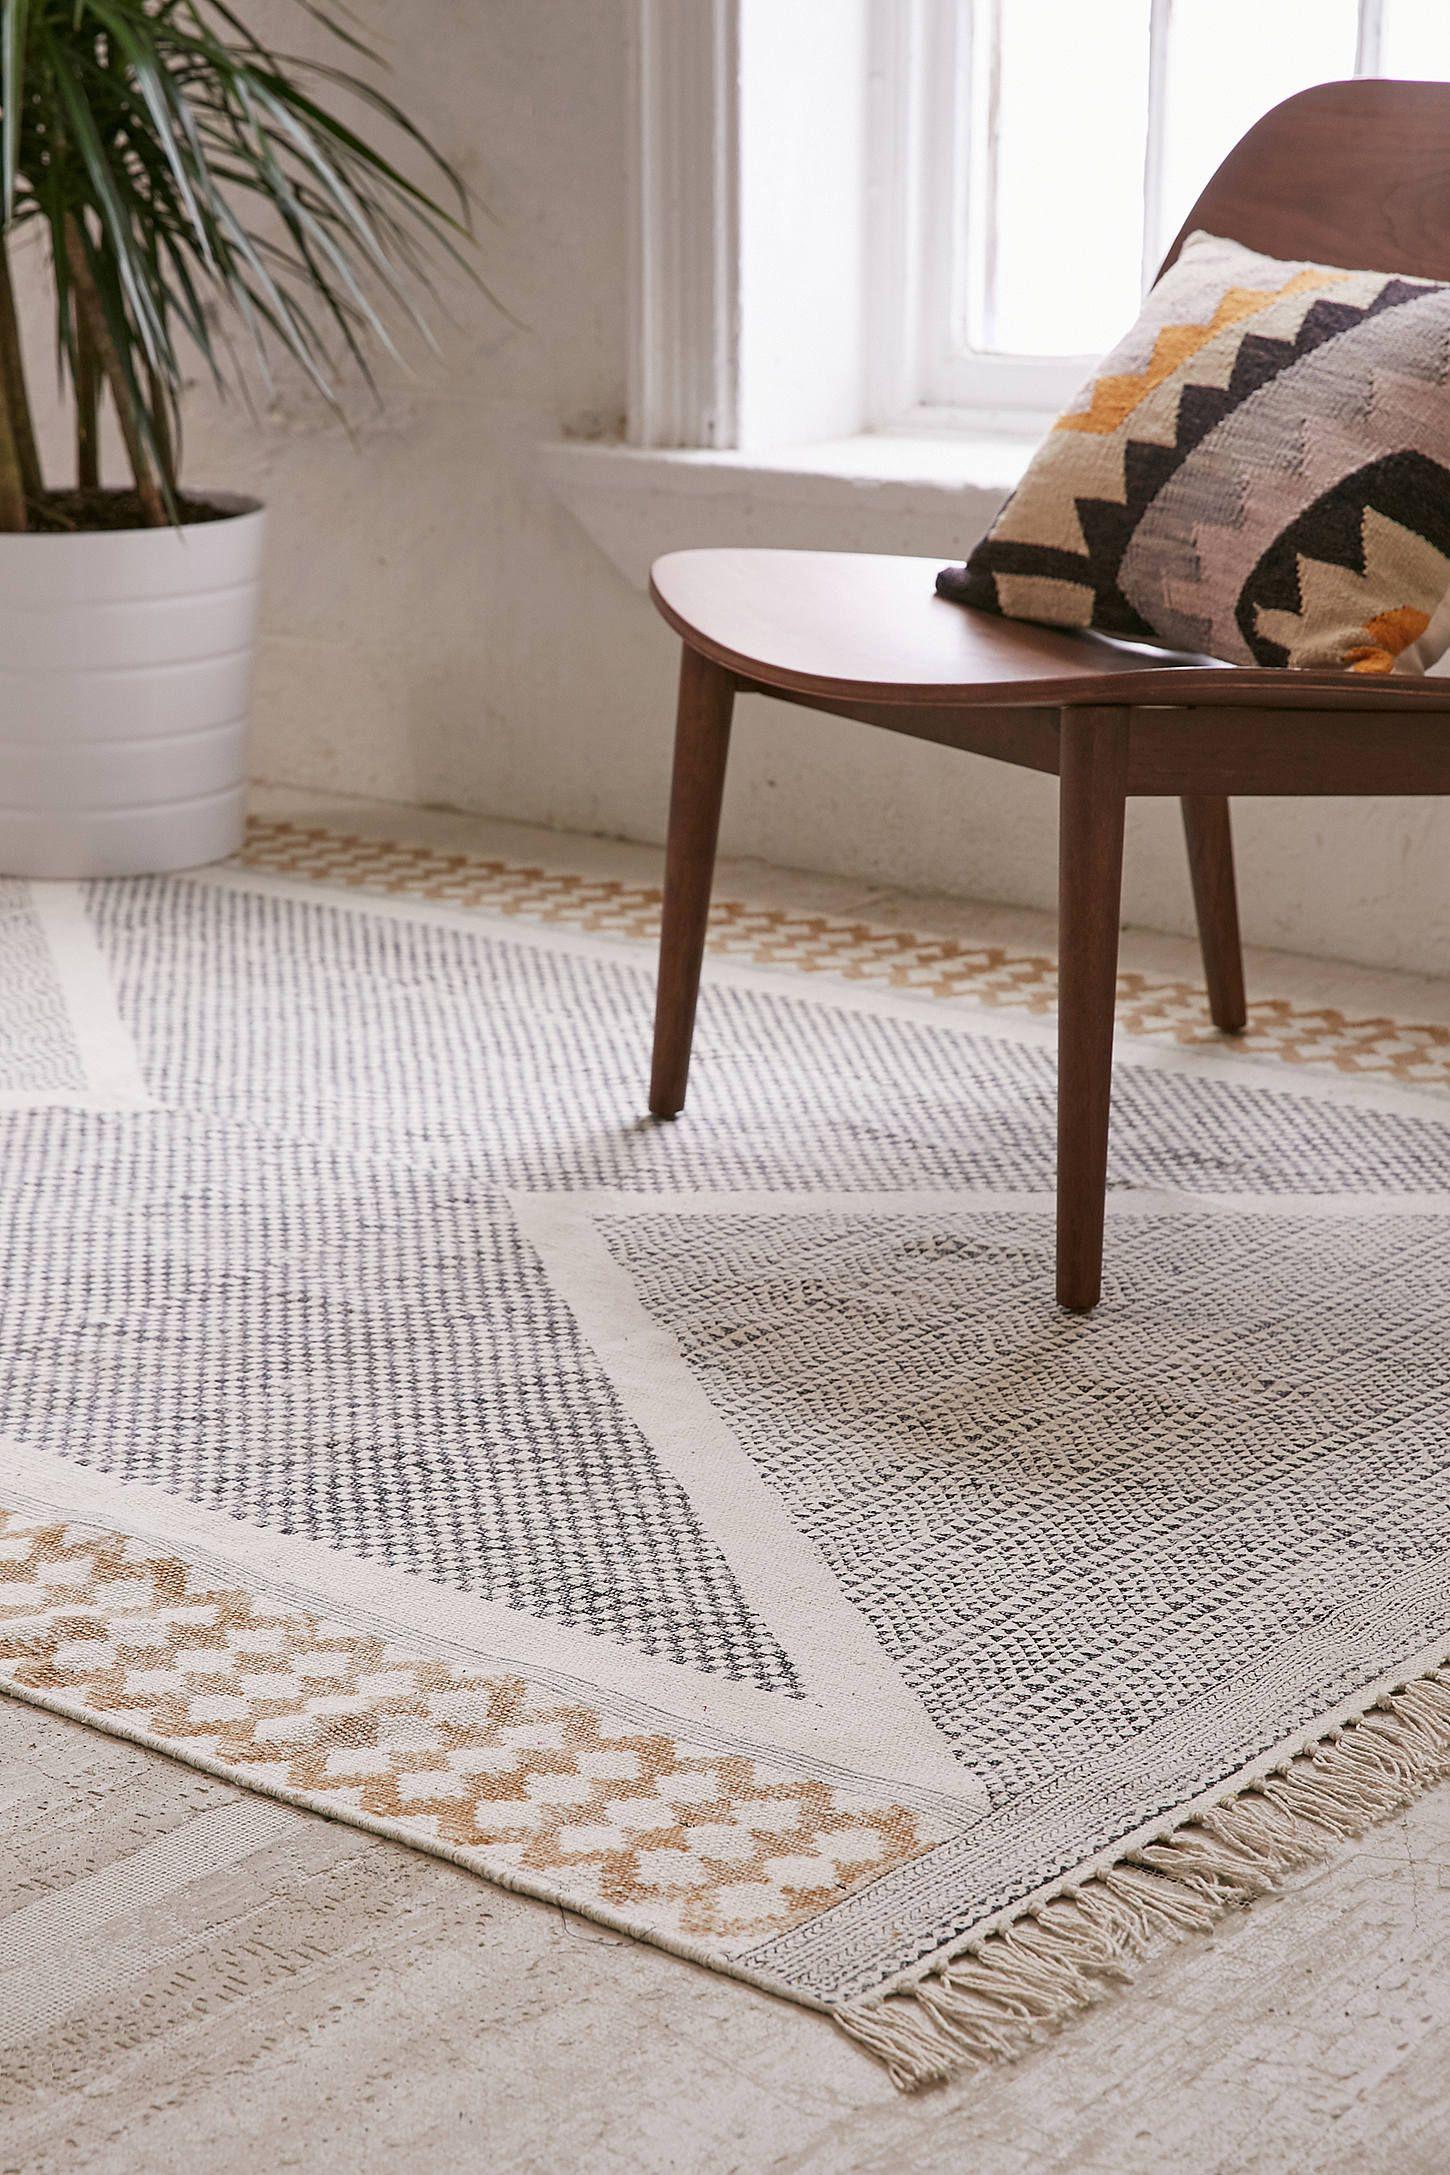 Casual Home Decor calisa block printed rug | block prints, printing and interiors